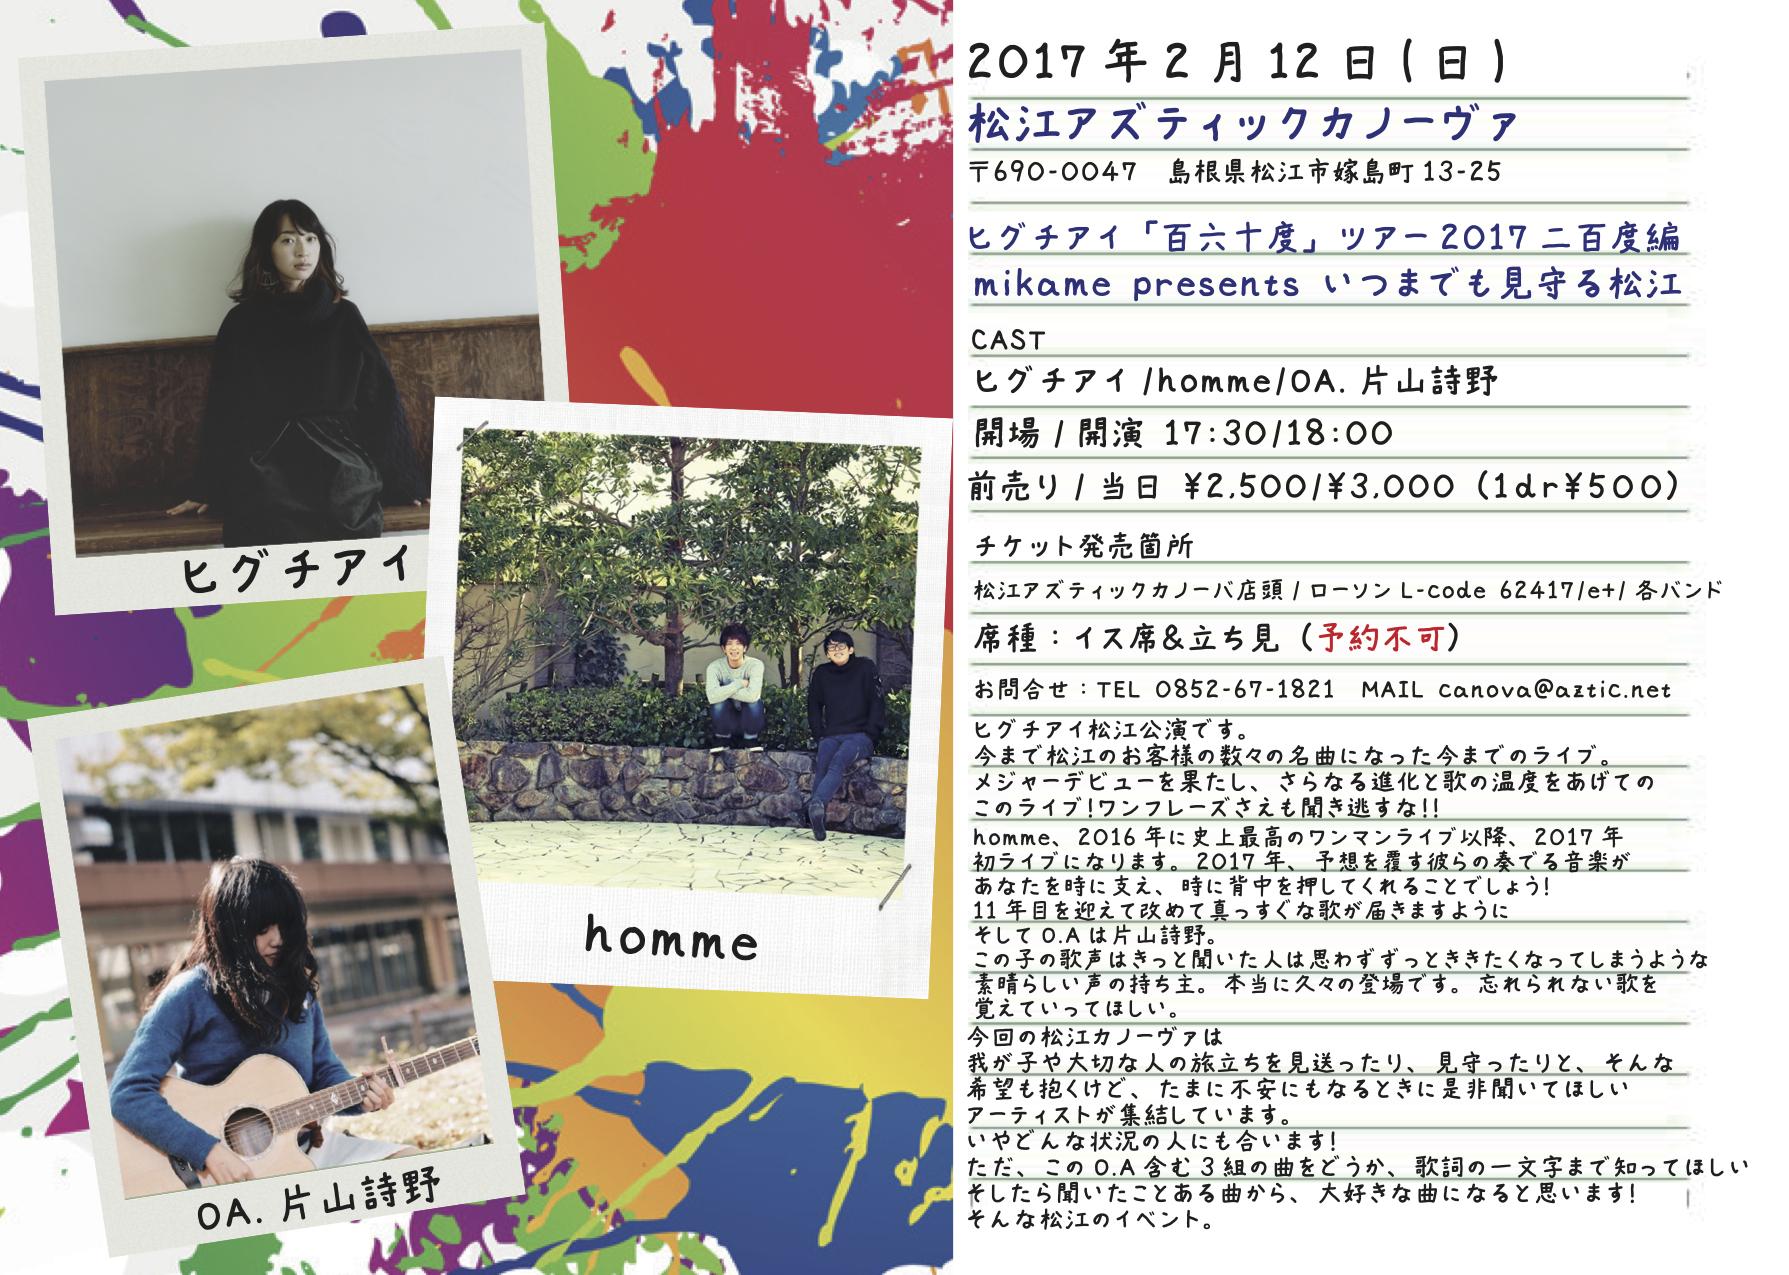 【LIVE】2017.2.12(sun)@松江canova @ 松江canova | 松江市 | 島根県 | 日本